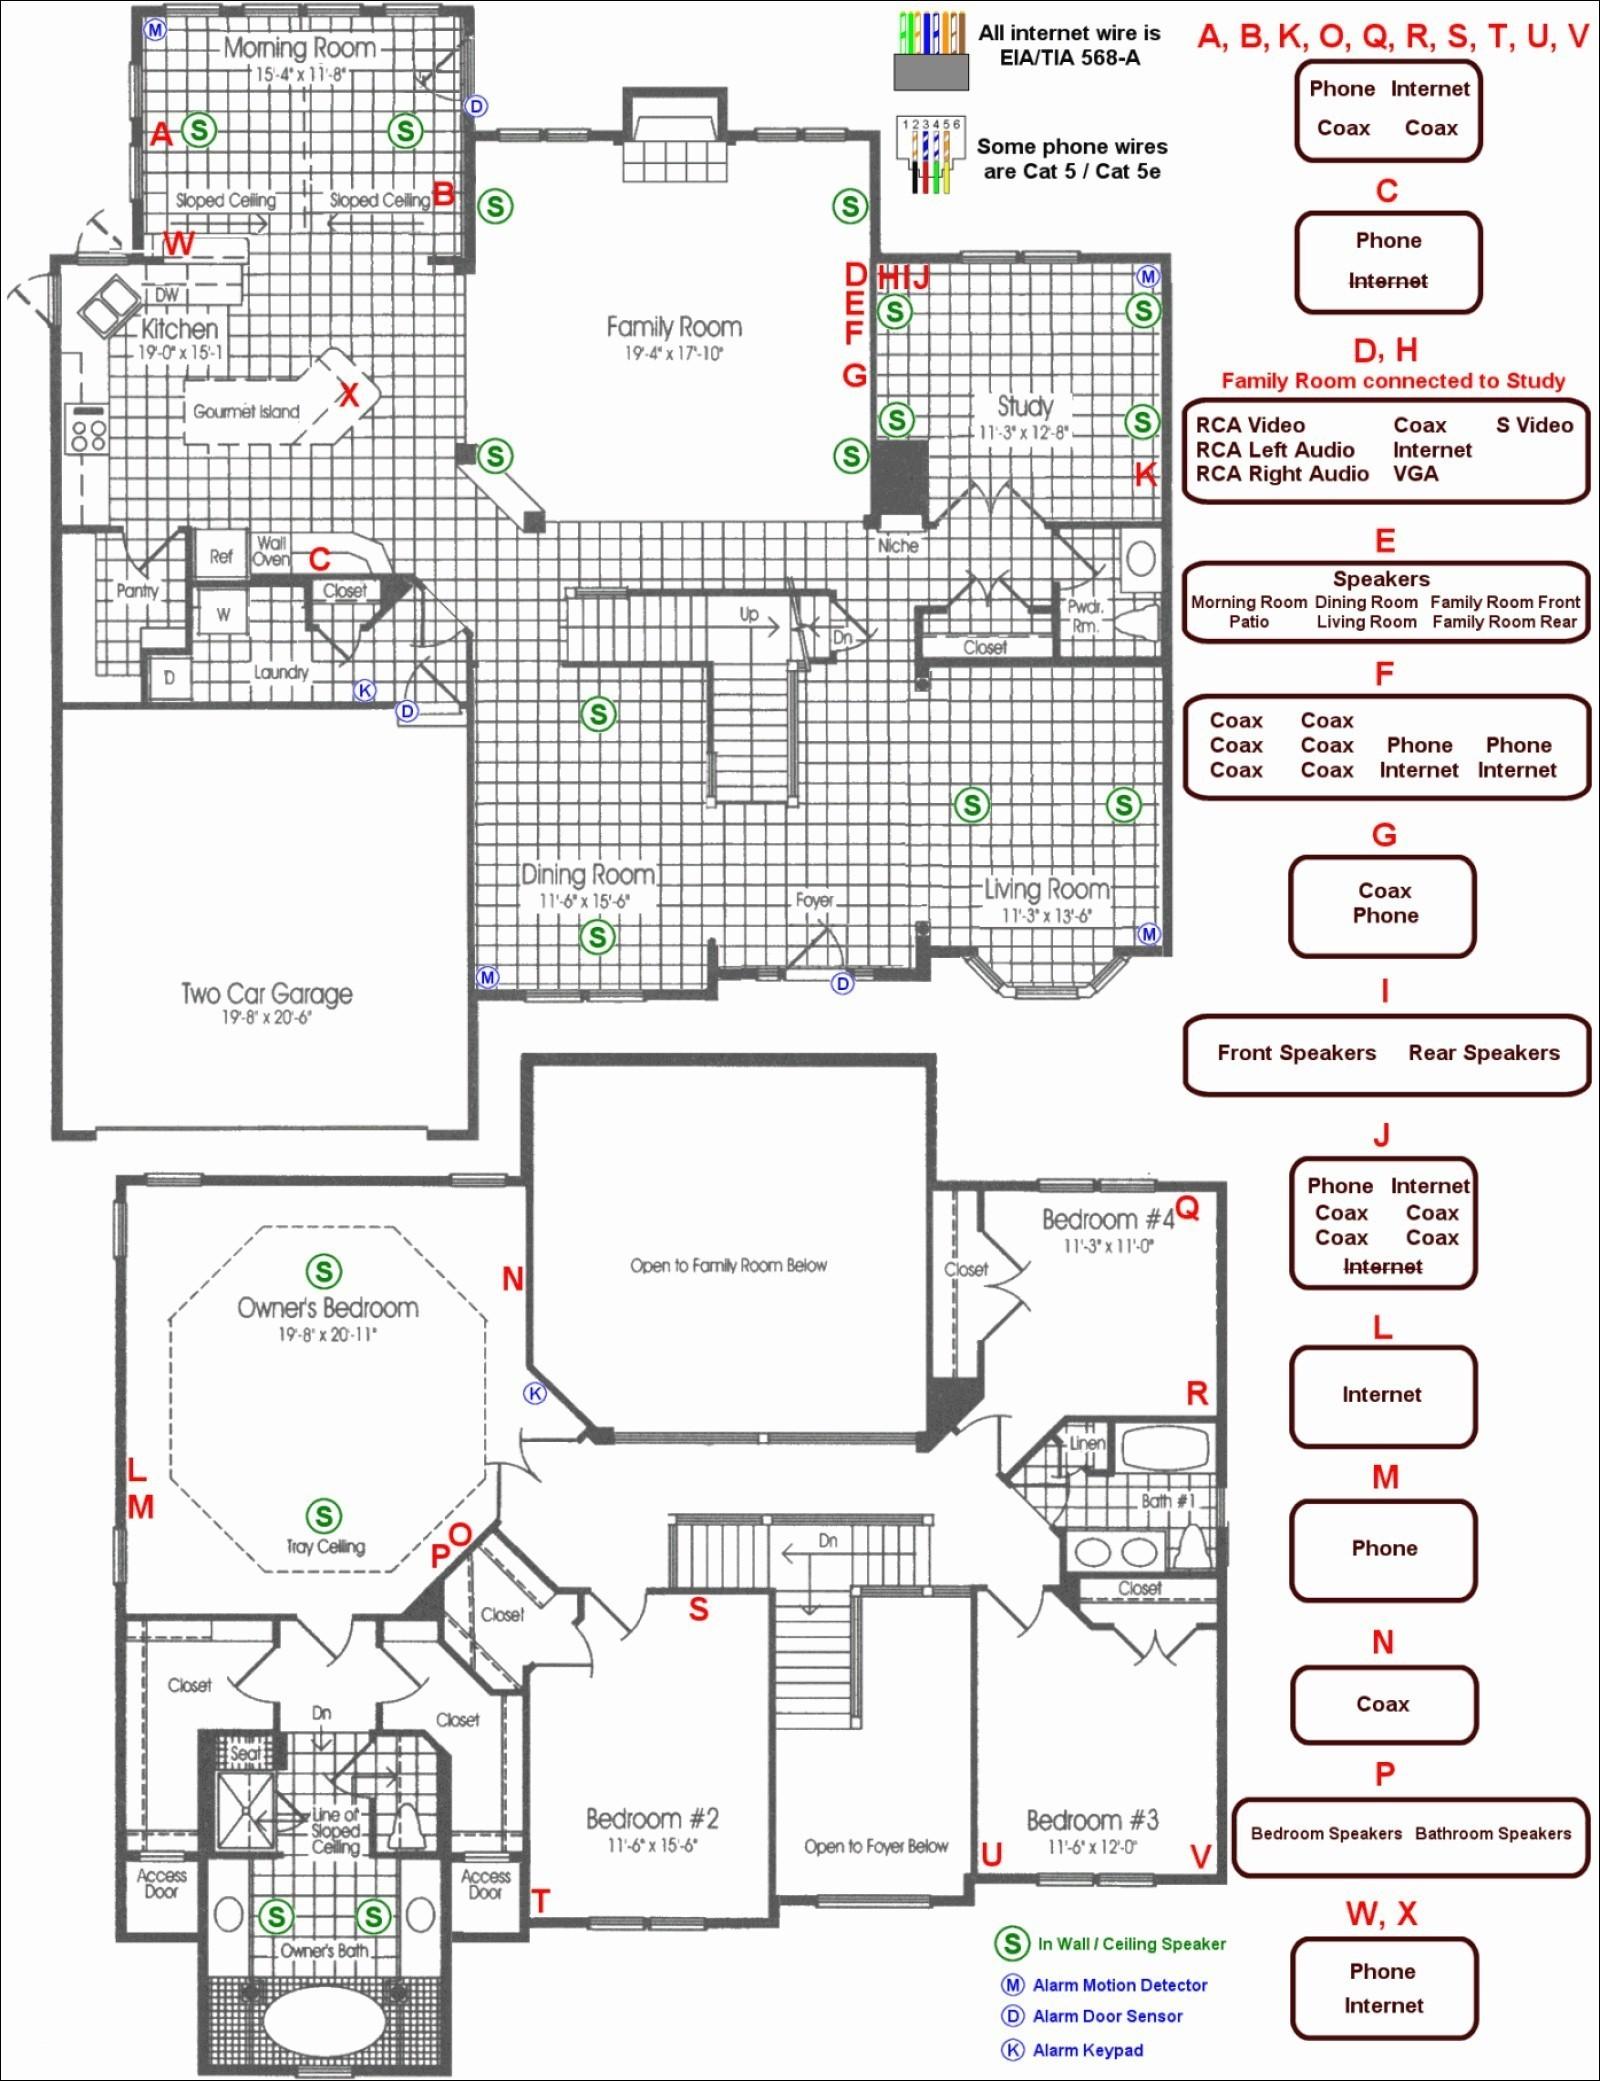 CM_8087] Residential House Wiring Diagrams Download DiagramHroni Denli Sputa Numap Mohammedshrine Librar Wiring 101